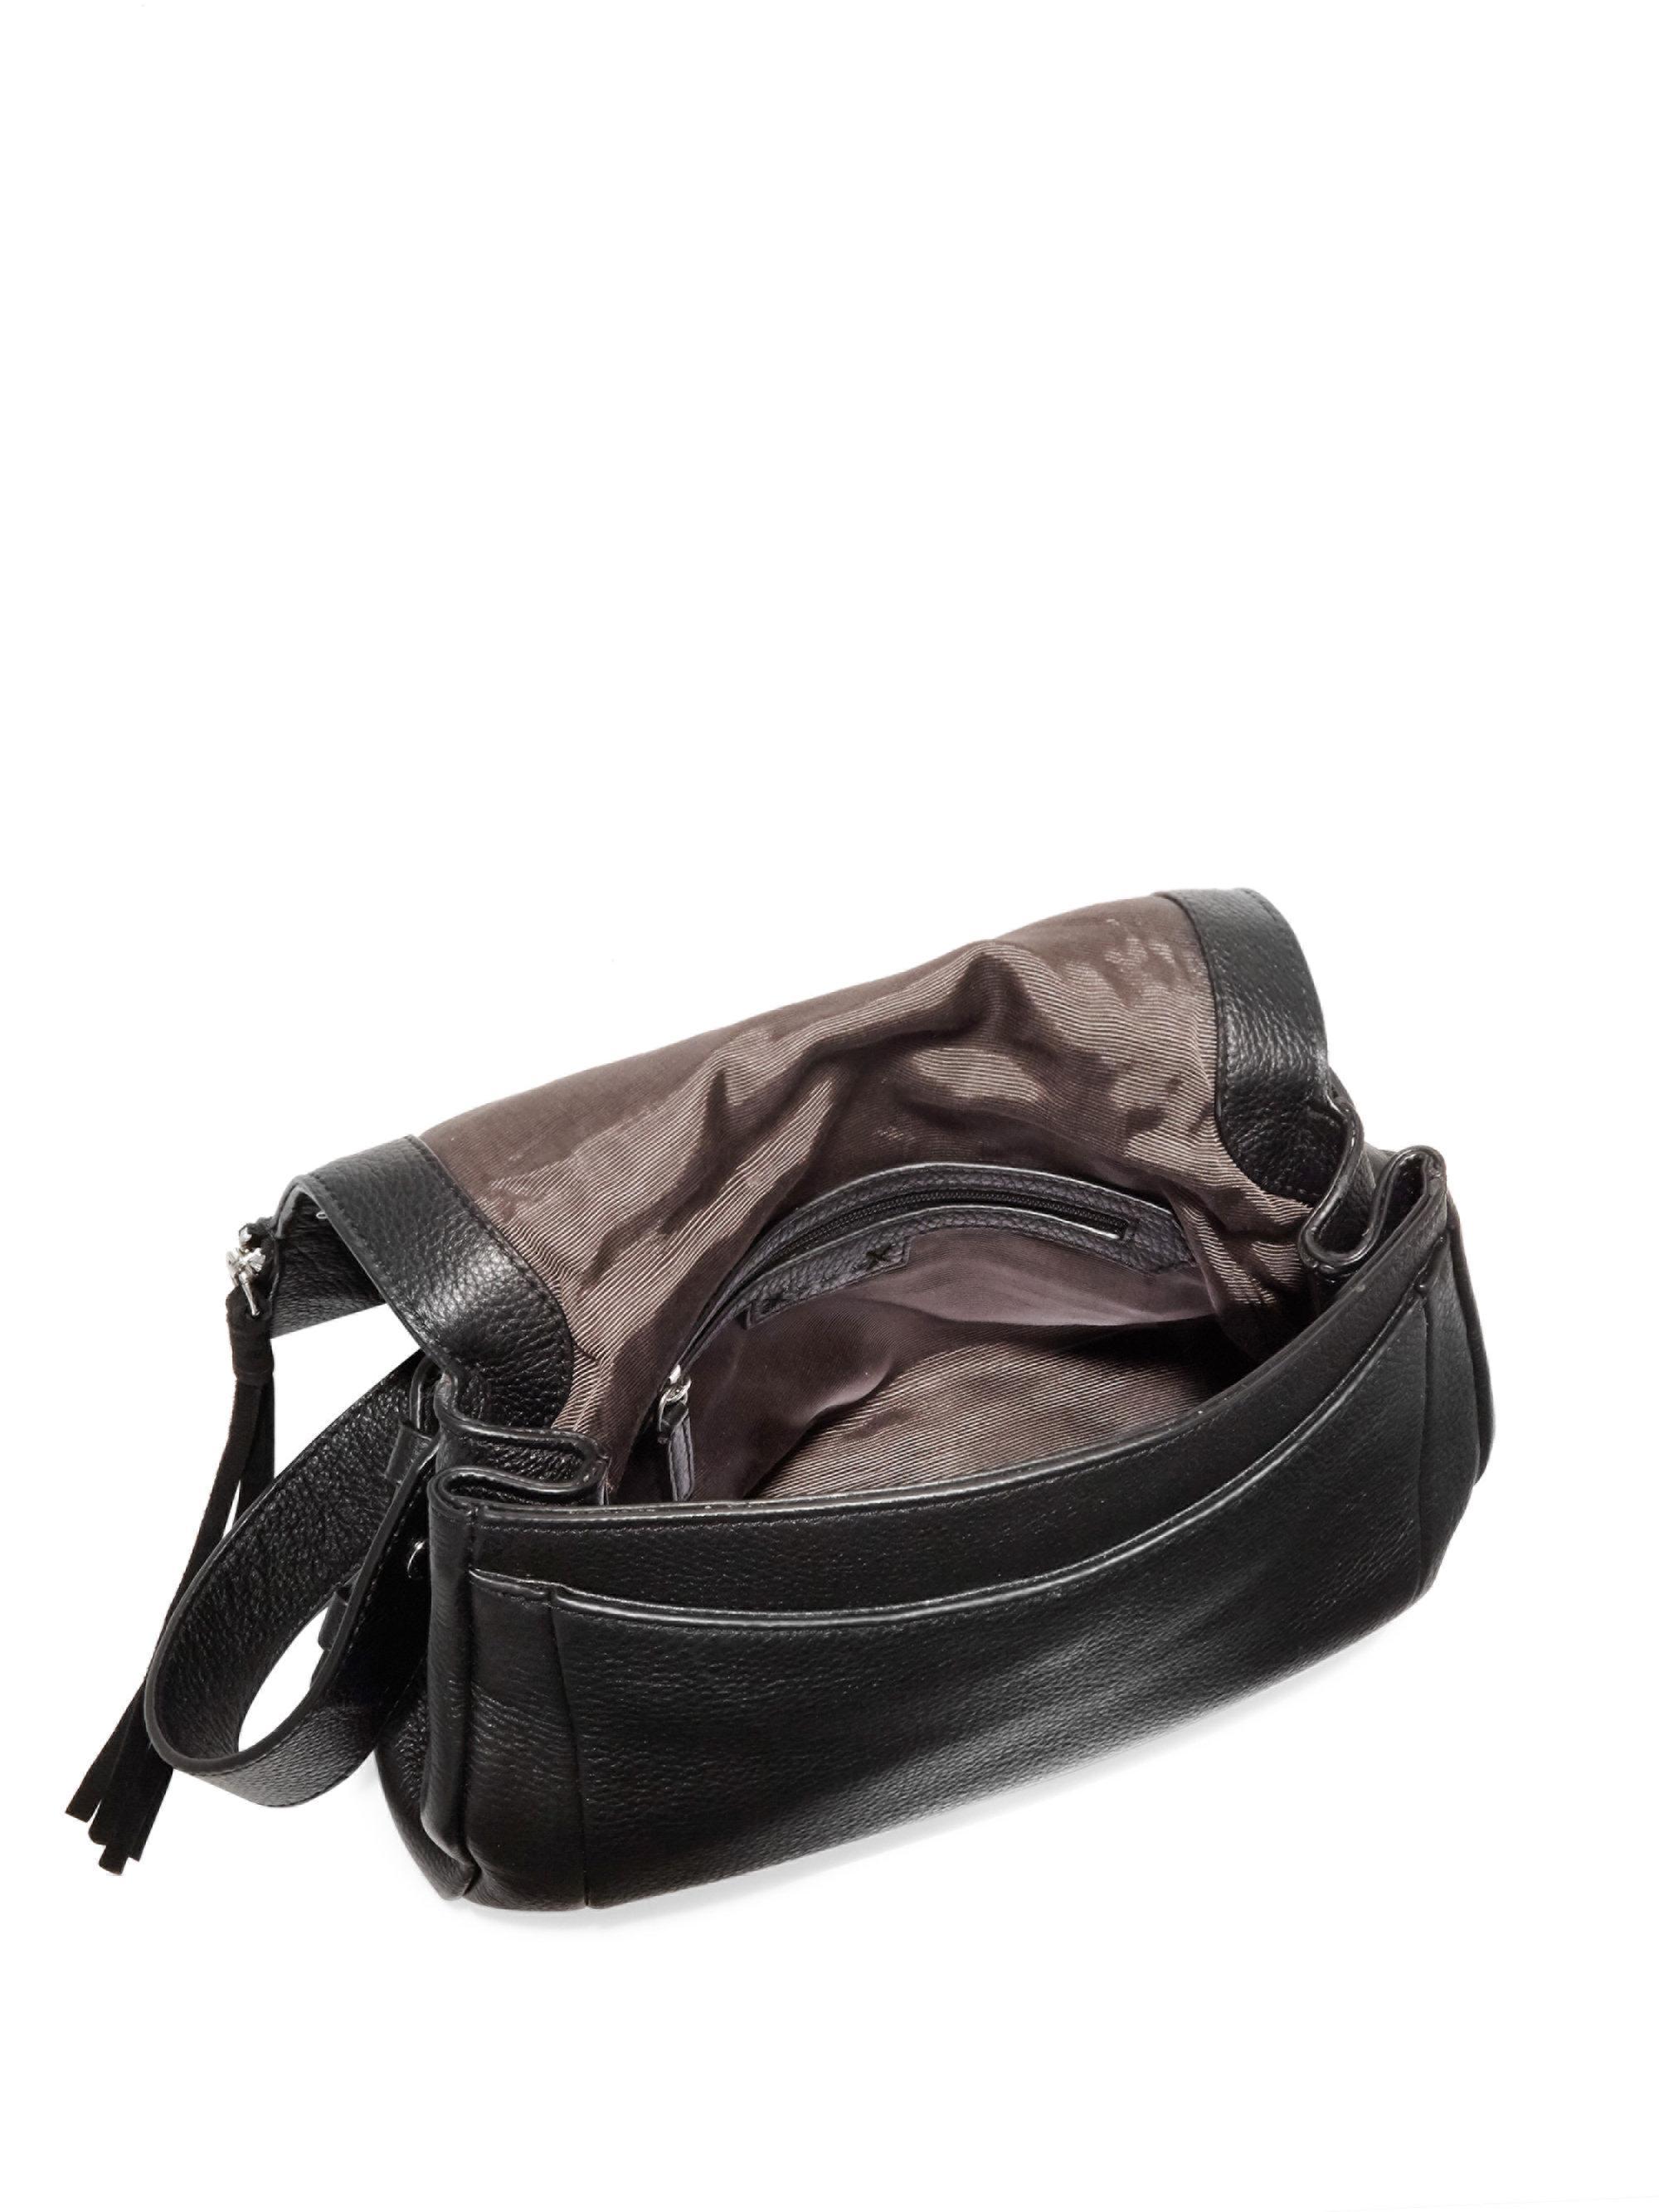 Lorica By Elizabeth Zarra Backpack Grey Daftar Harga Terlengkap Bag Madeline Tote Putih Gallery